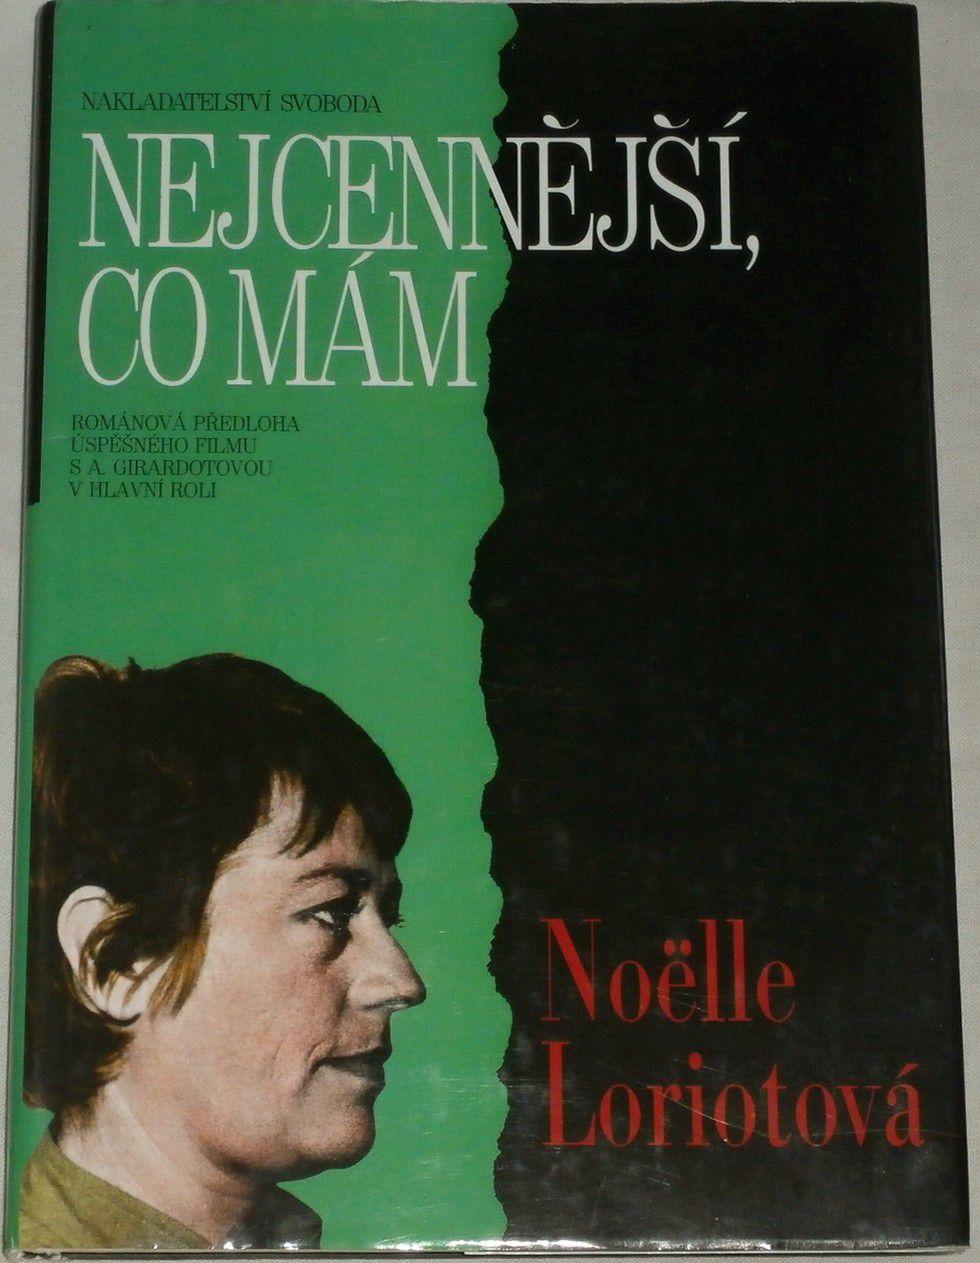 Loriotová Noëlle - Nejcennější co mám